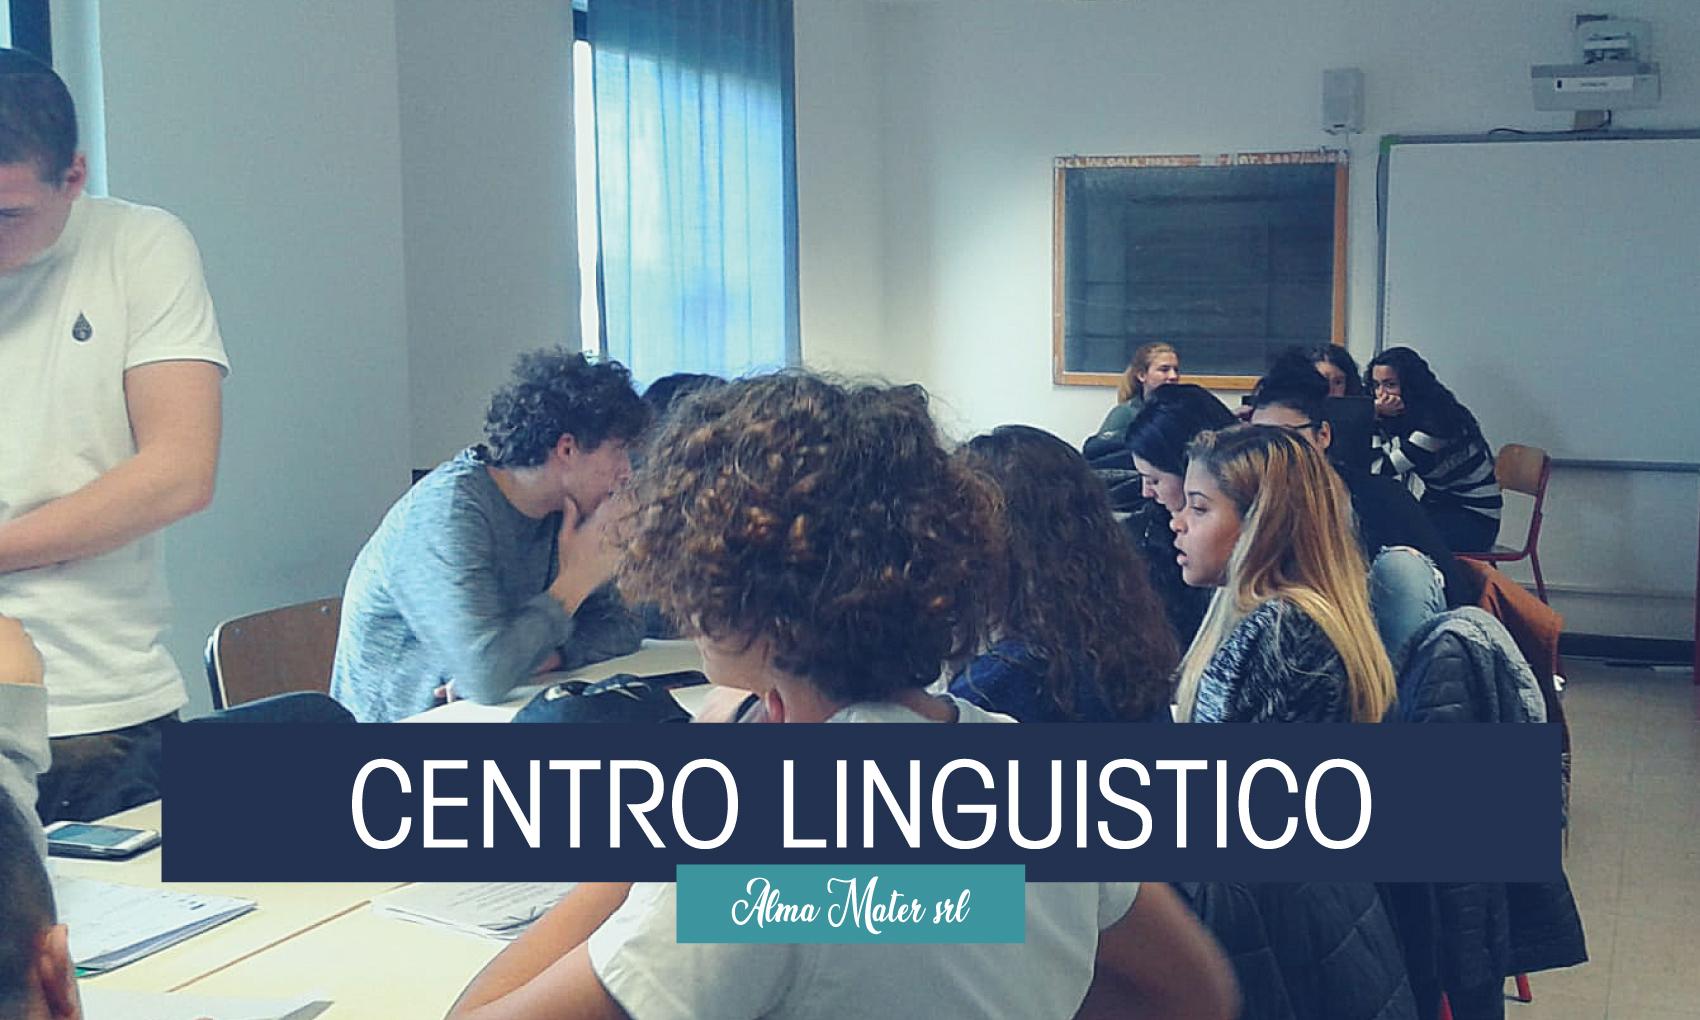 centro-linguistico-alma-mater-srl-piombino